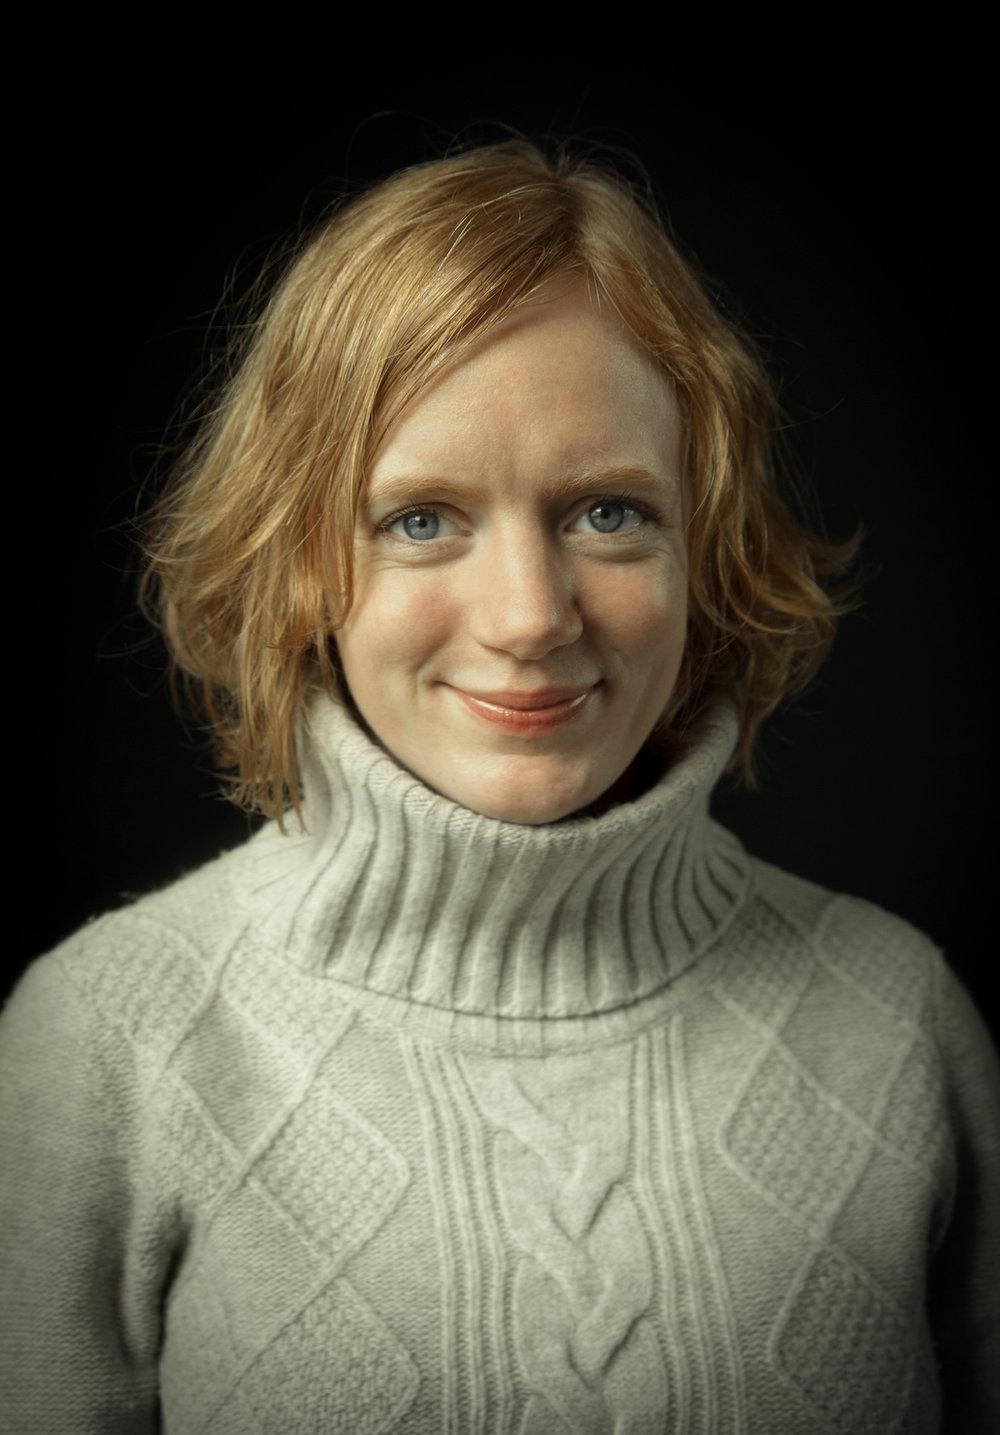 Writer Erika Fatland